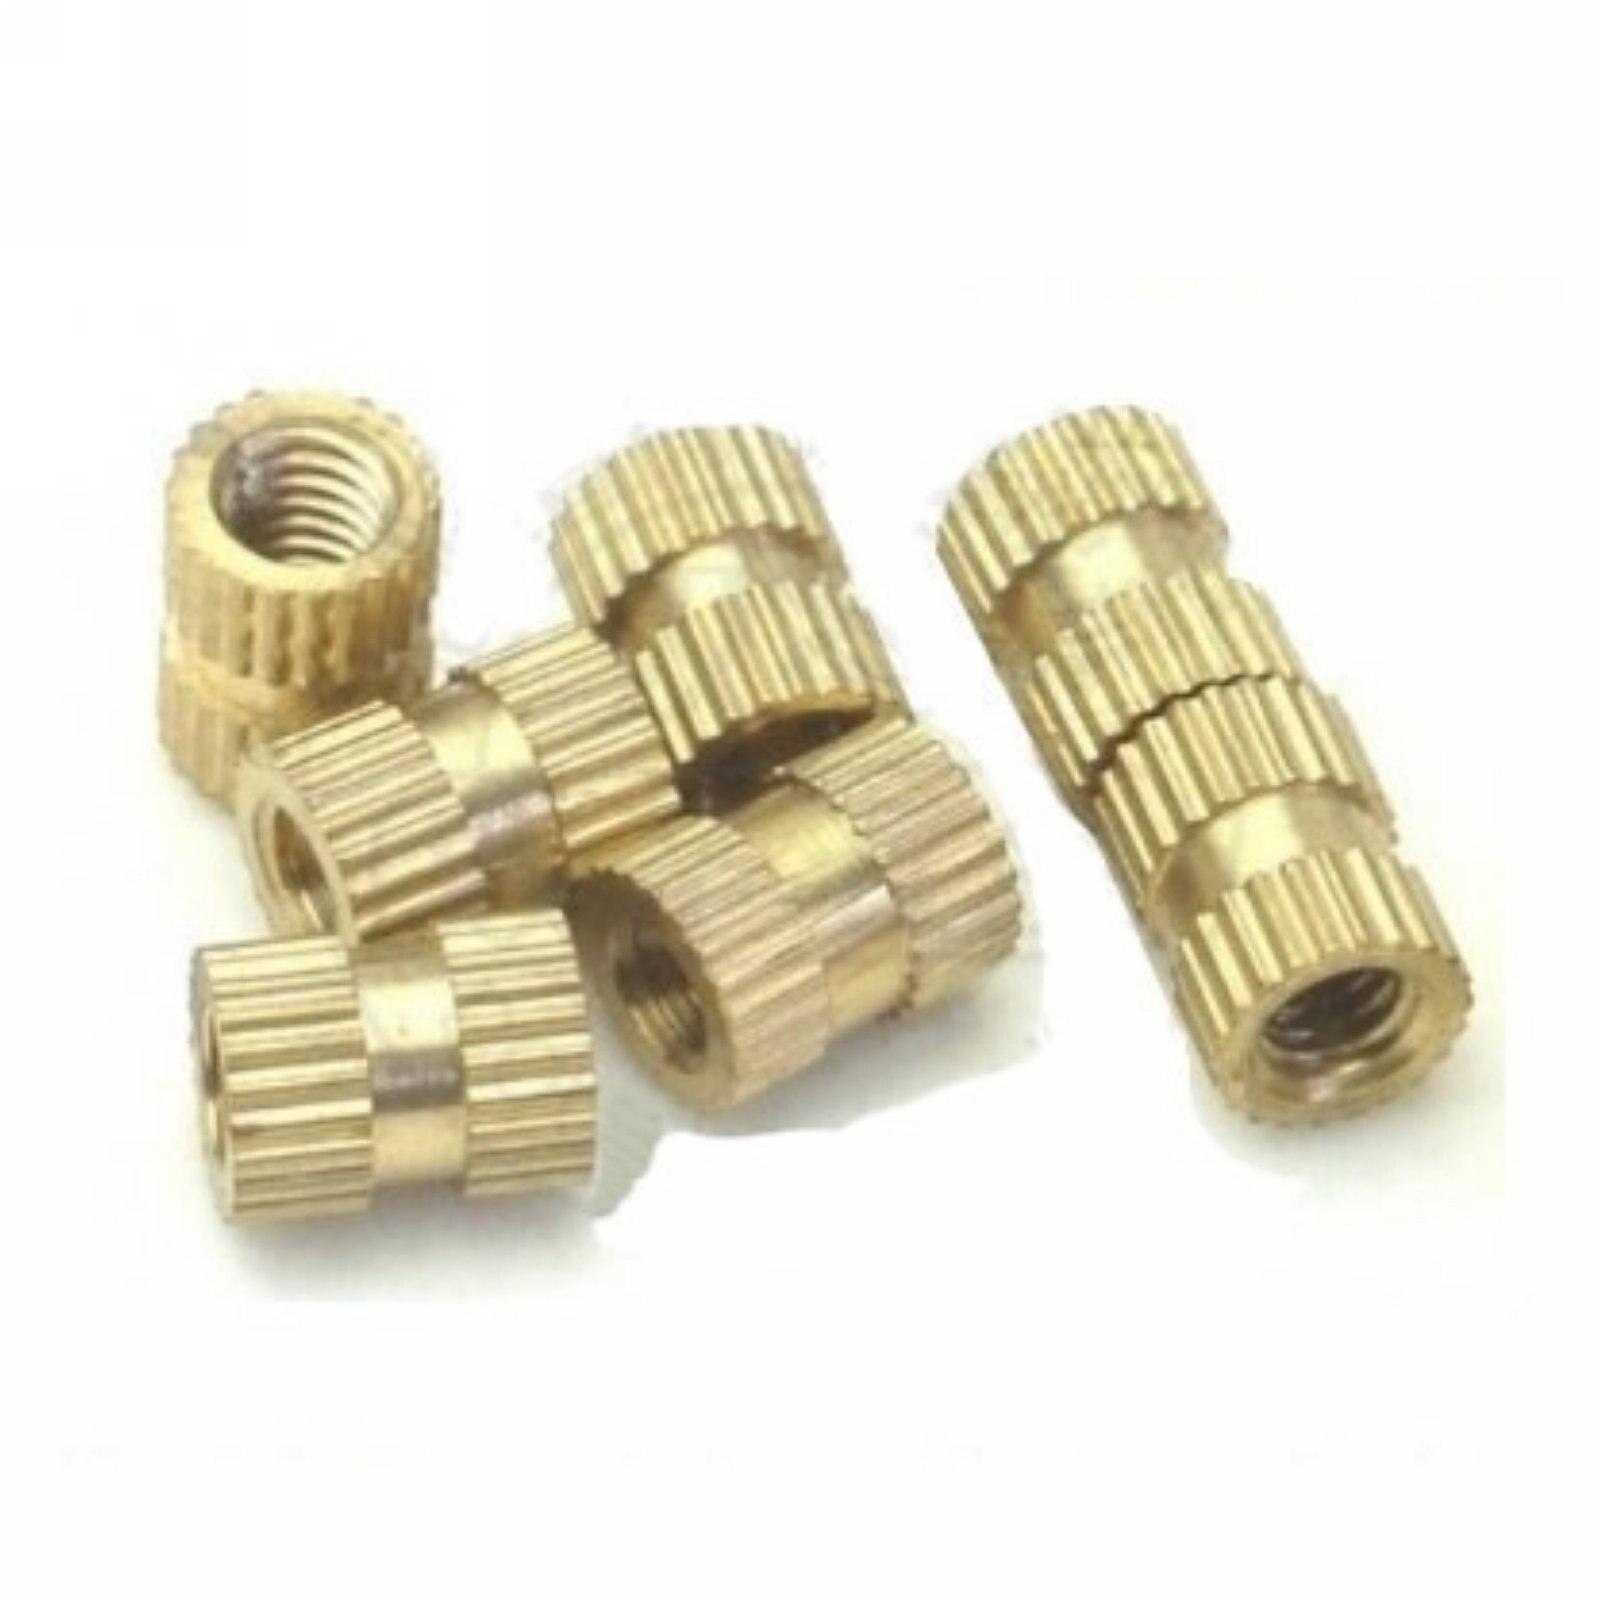 ФОТО Lot100 Brass Knurl Nuts M6*16mm(L)-8mm(OD) Metric Threaded Fasteners